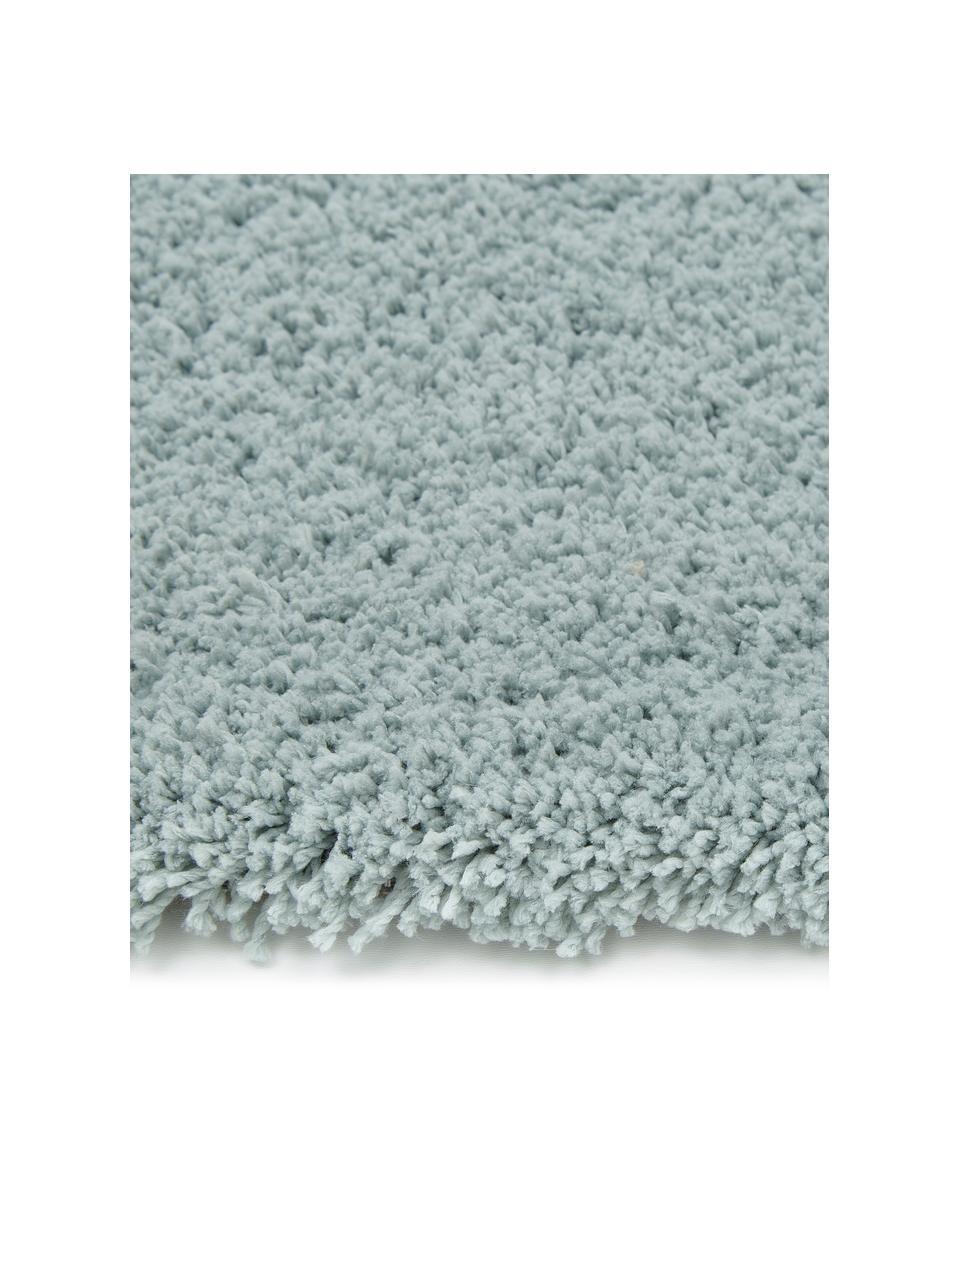 Načechraný koberec s vysokým vlasem Leighton, Mátově zelená